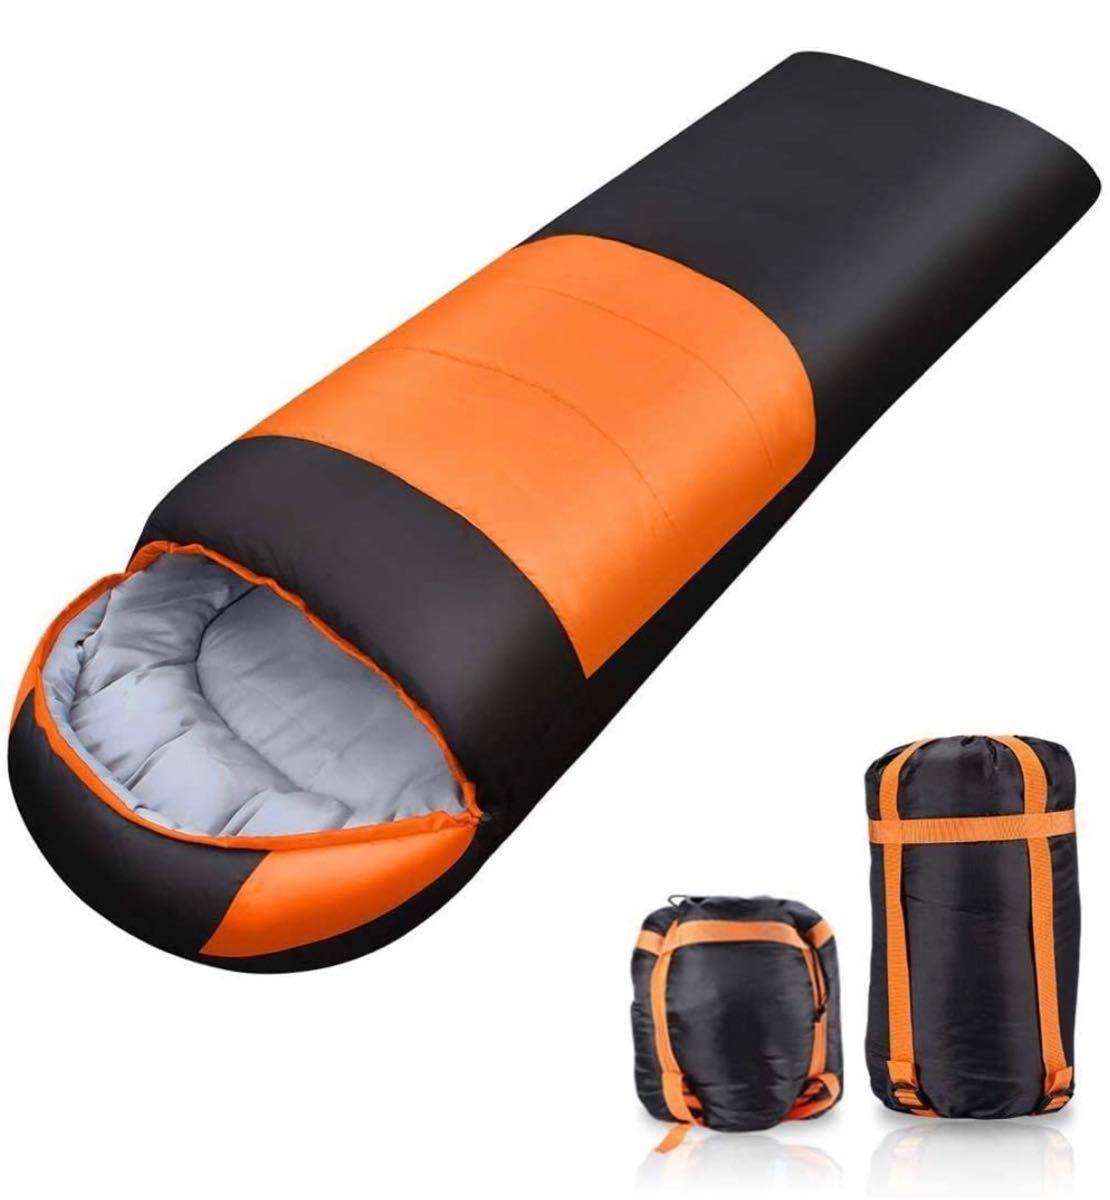 寝袋 シュラフ 防水シュラフ 封筒型 軽量 保温 コンパクト アウトドア キャンプ 登山 1.1kg 寝袋 春用 夏用